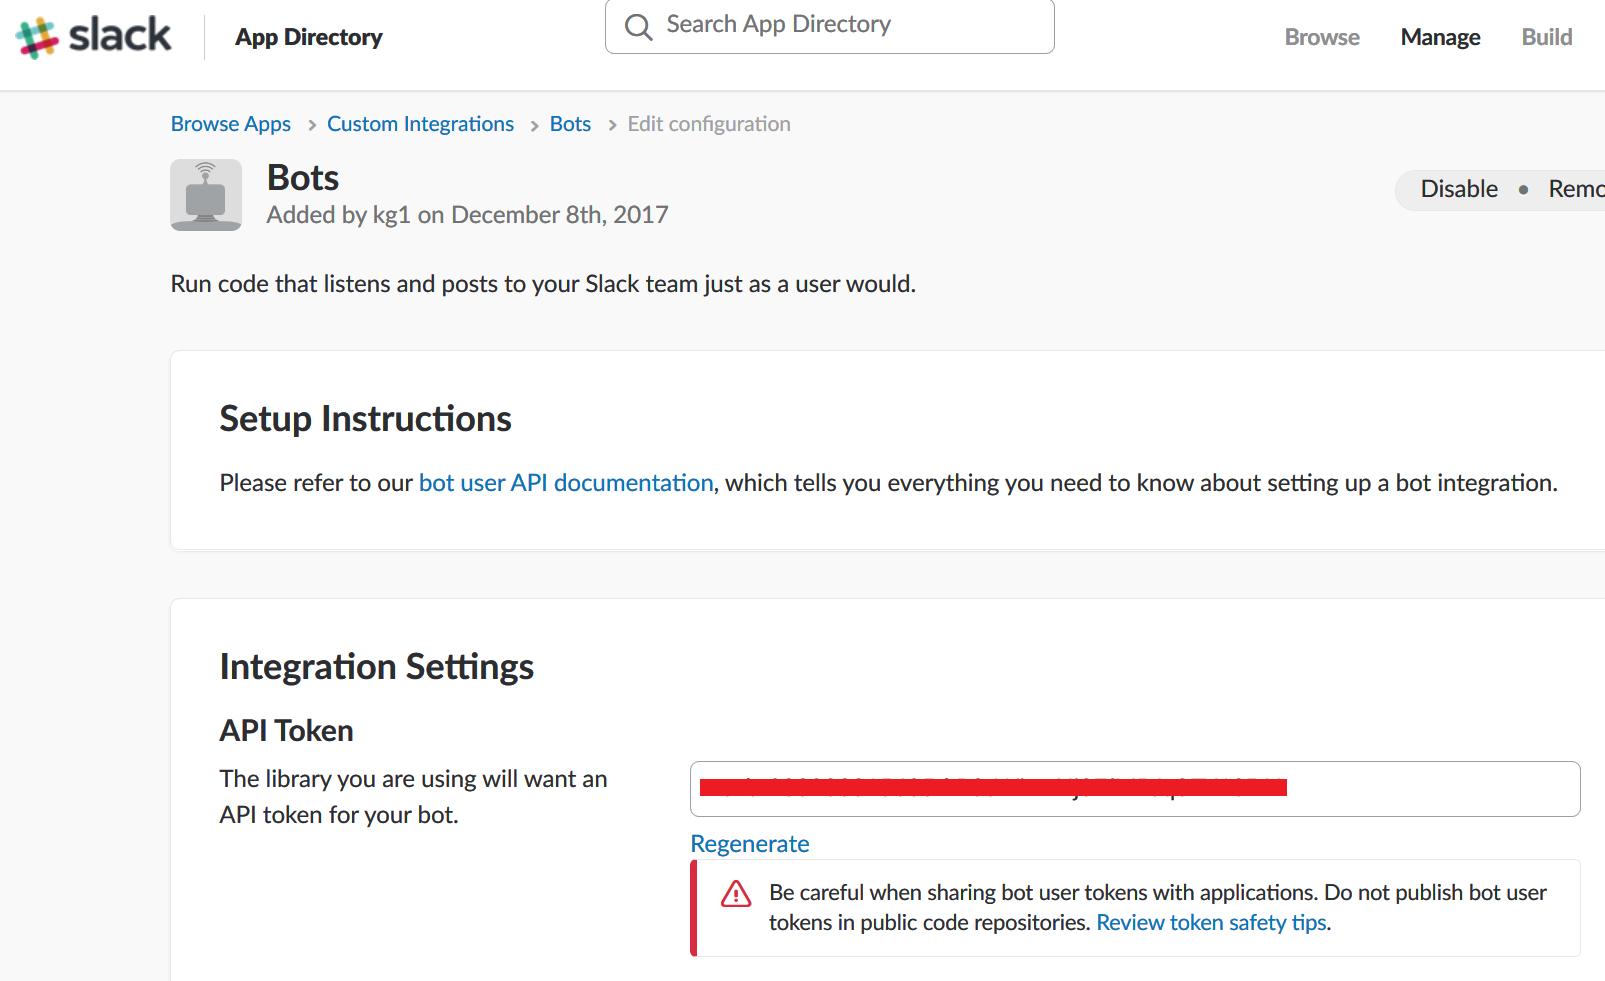 Watson APIを利用してPythonで多言語通訳botをSlackに作る - Qiita